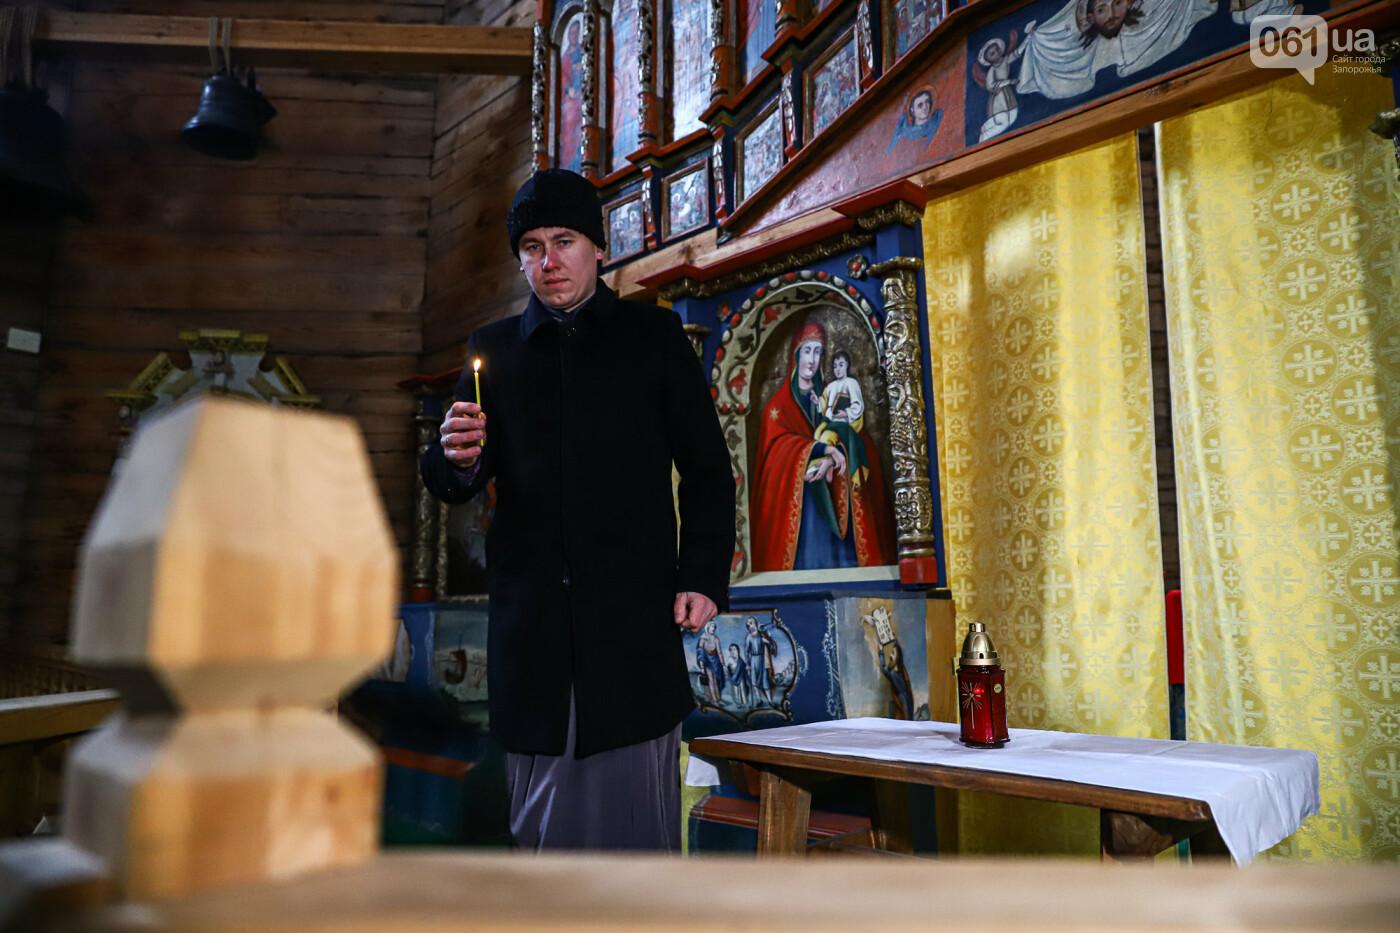 На Хортице скауты передали священникам Вифлеемский огонь, - ФОТОРЕПОРТАЖ, фото-16